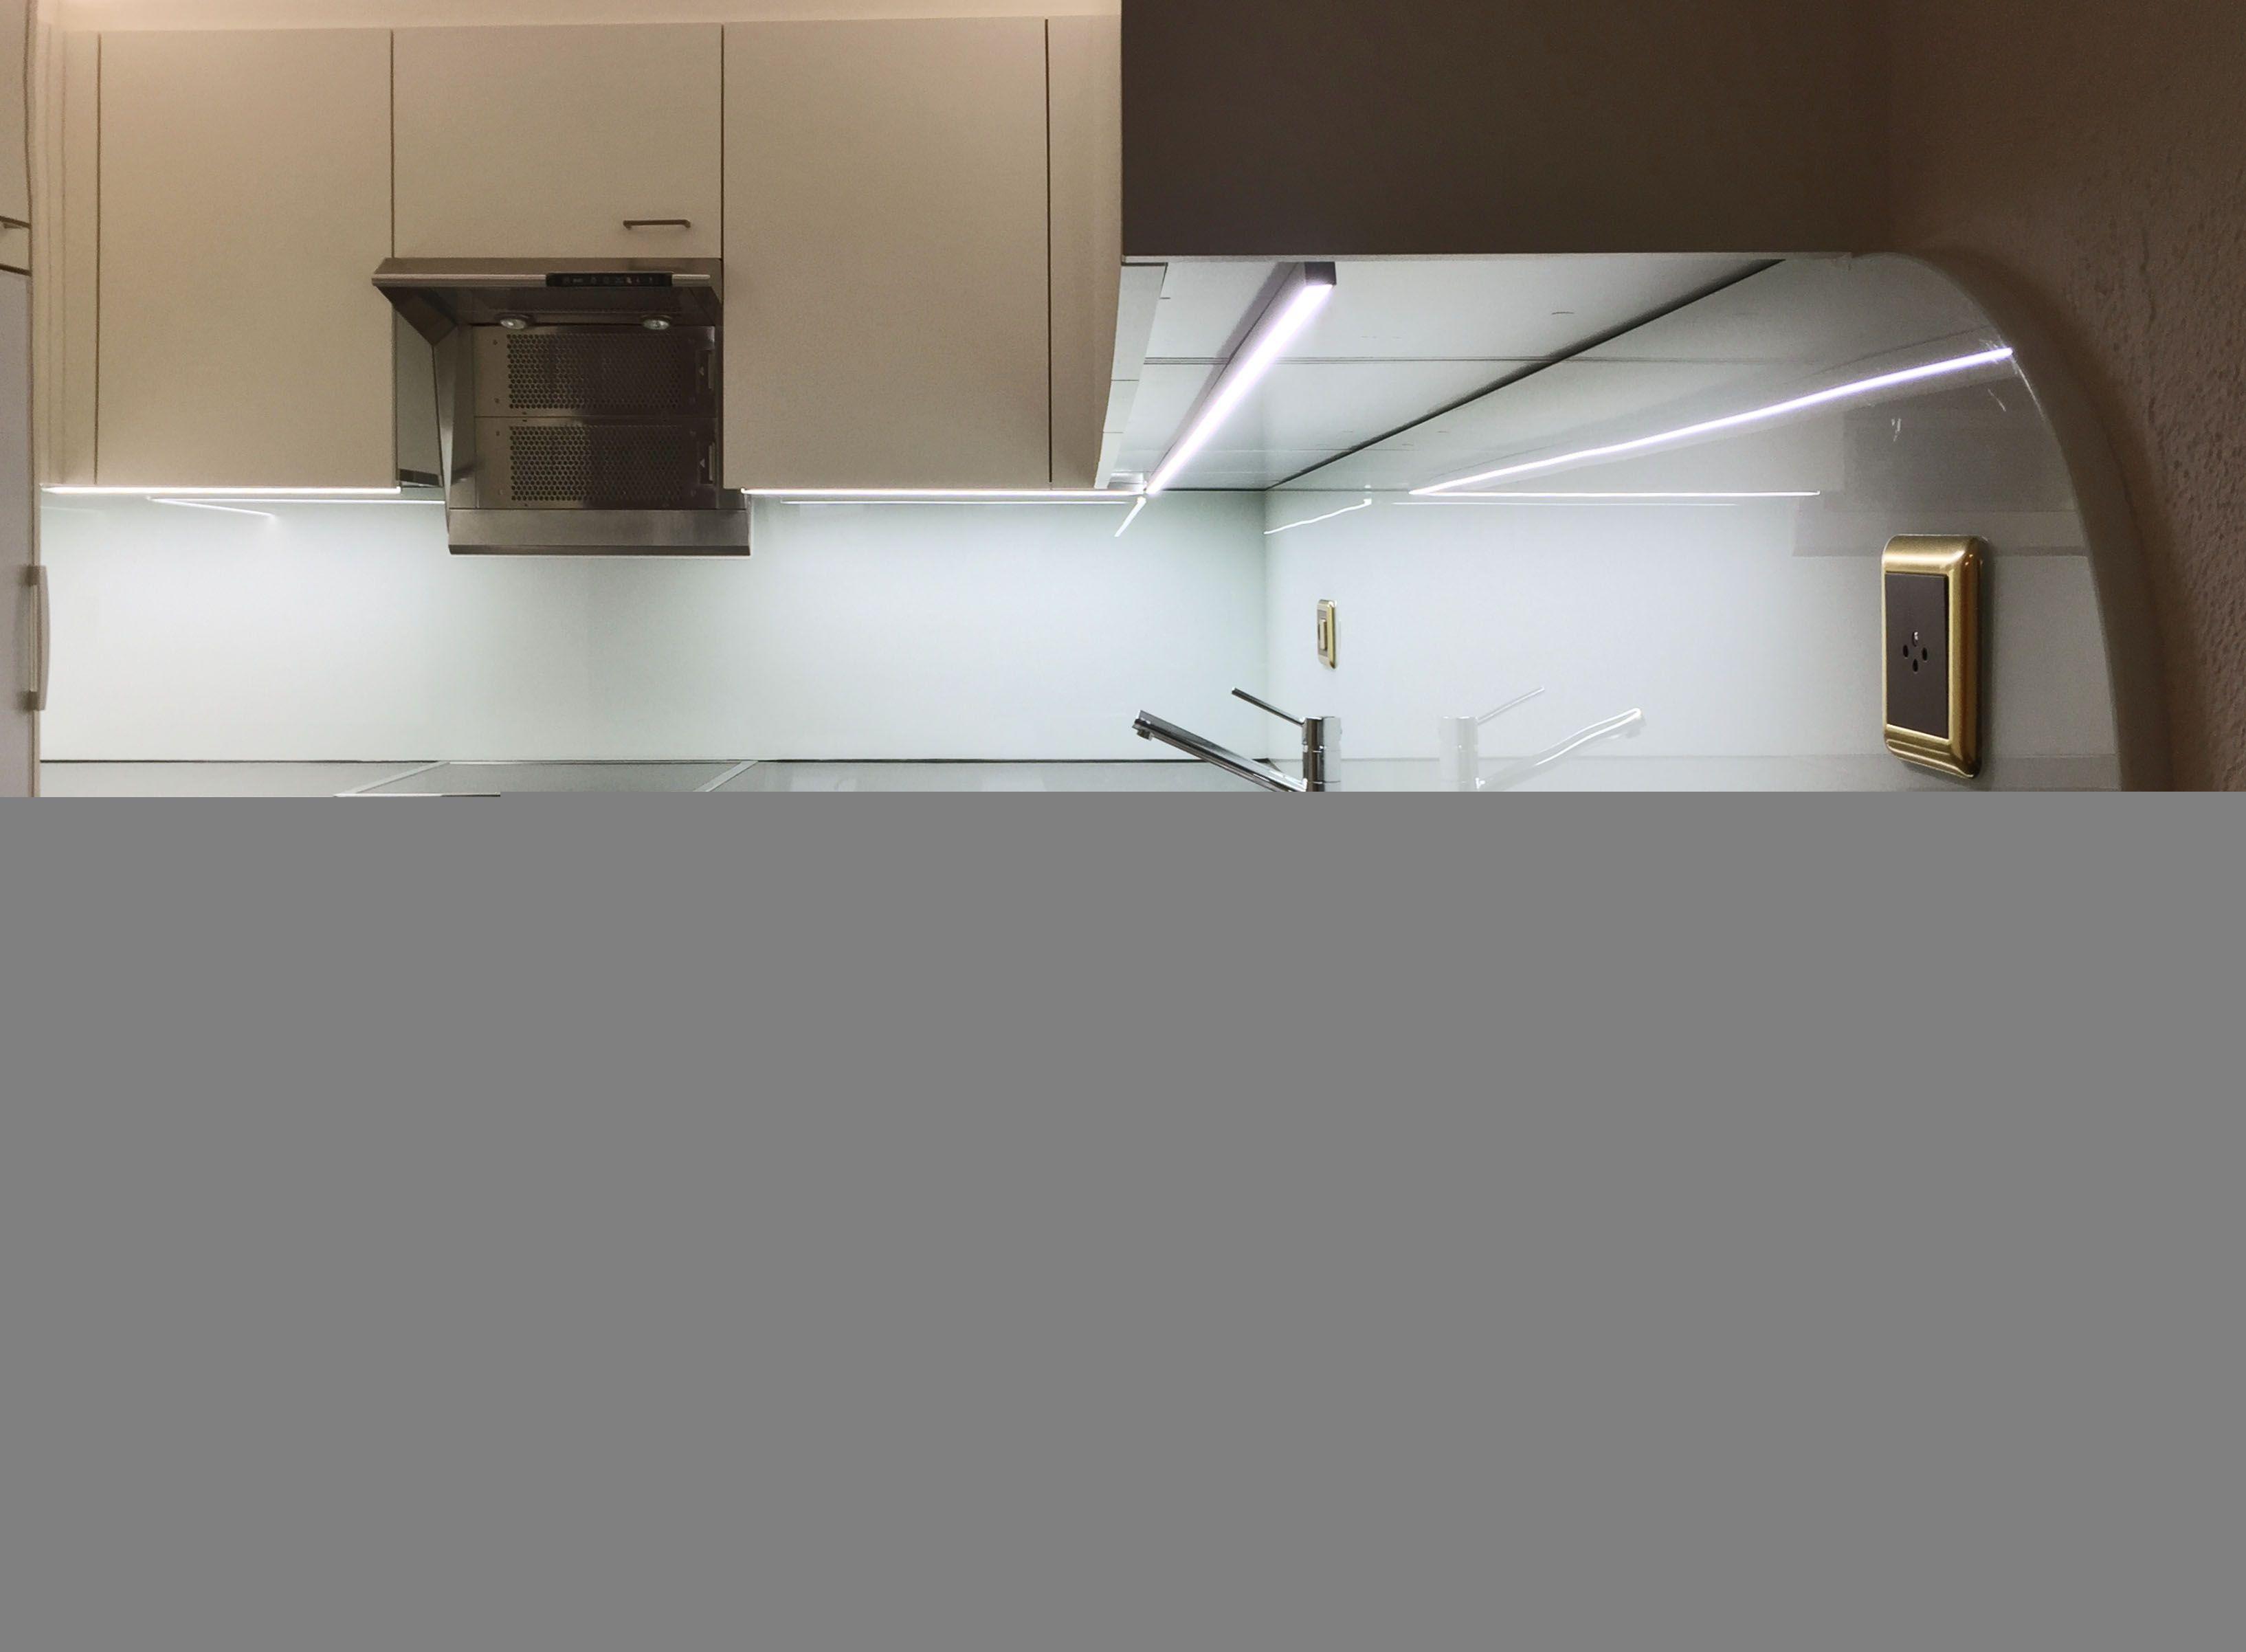 Glas Küchenrückwand Mit RAL9010 Lackierung Auf Floatbasis In 3 Teilen.